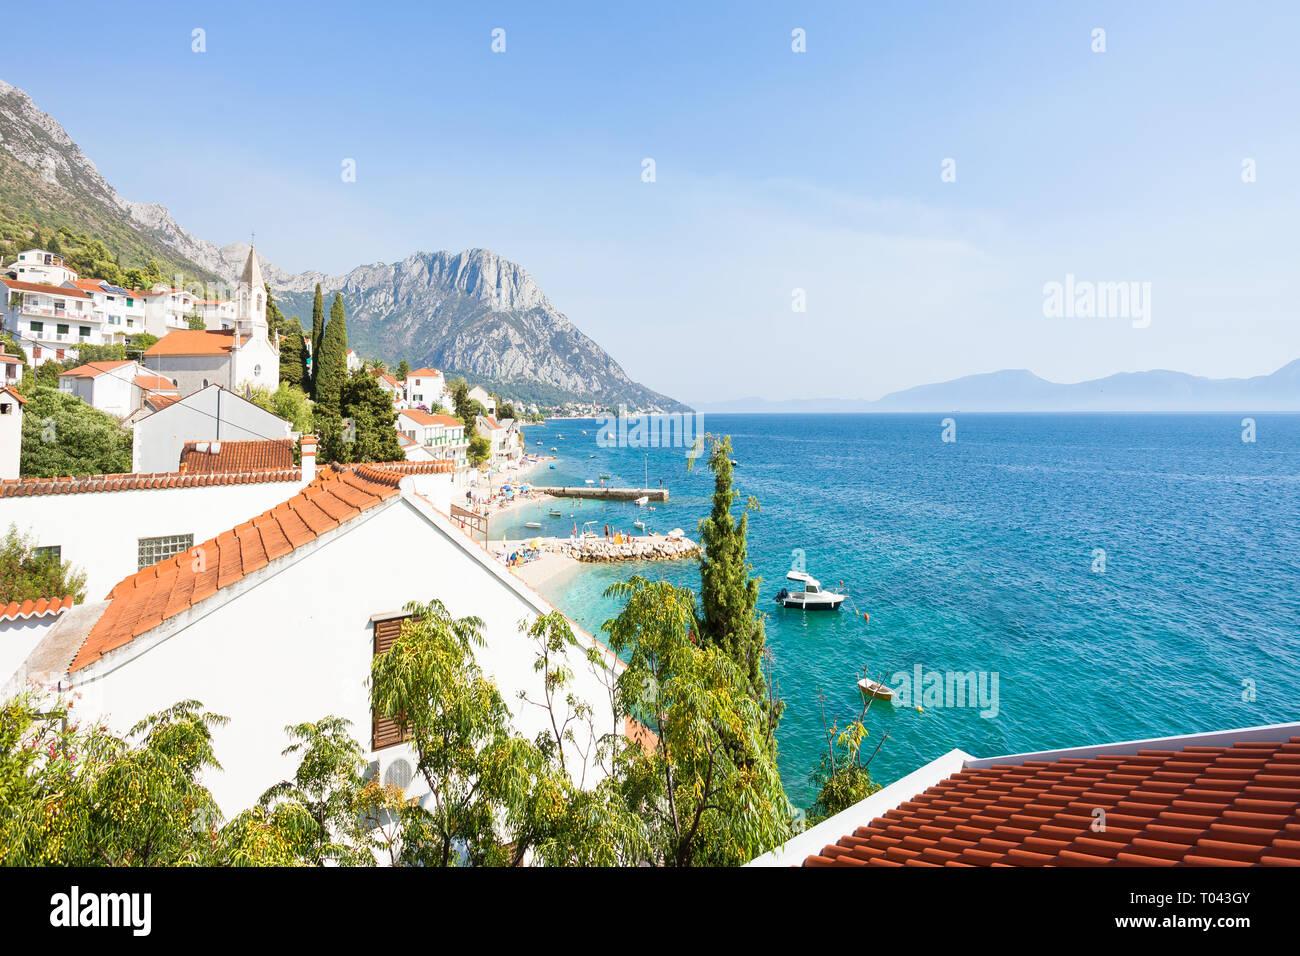 Brist, Dalmatien, Kroatien, Europa - Ausblick auf die wunderschöne Bucht von Brist Stockfoto